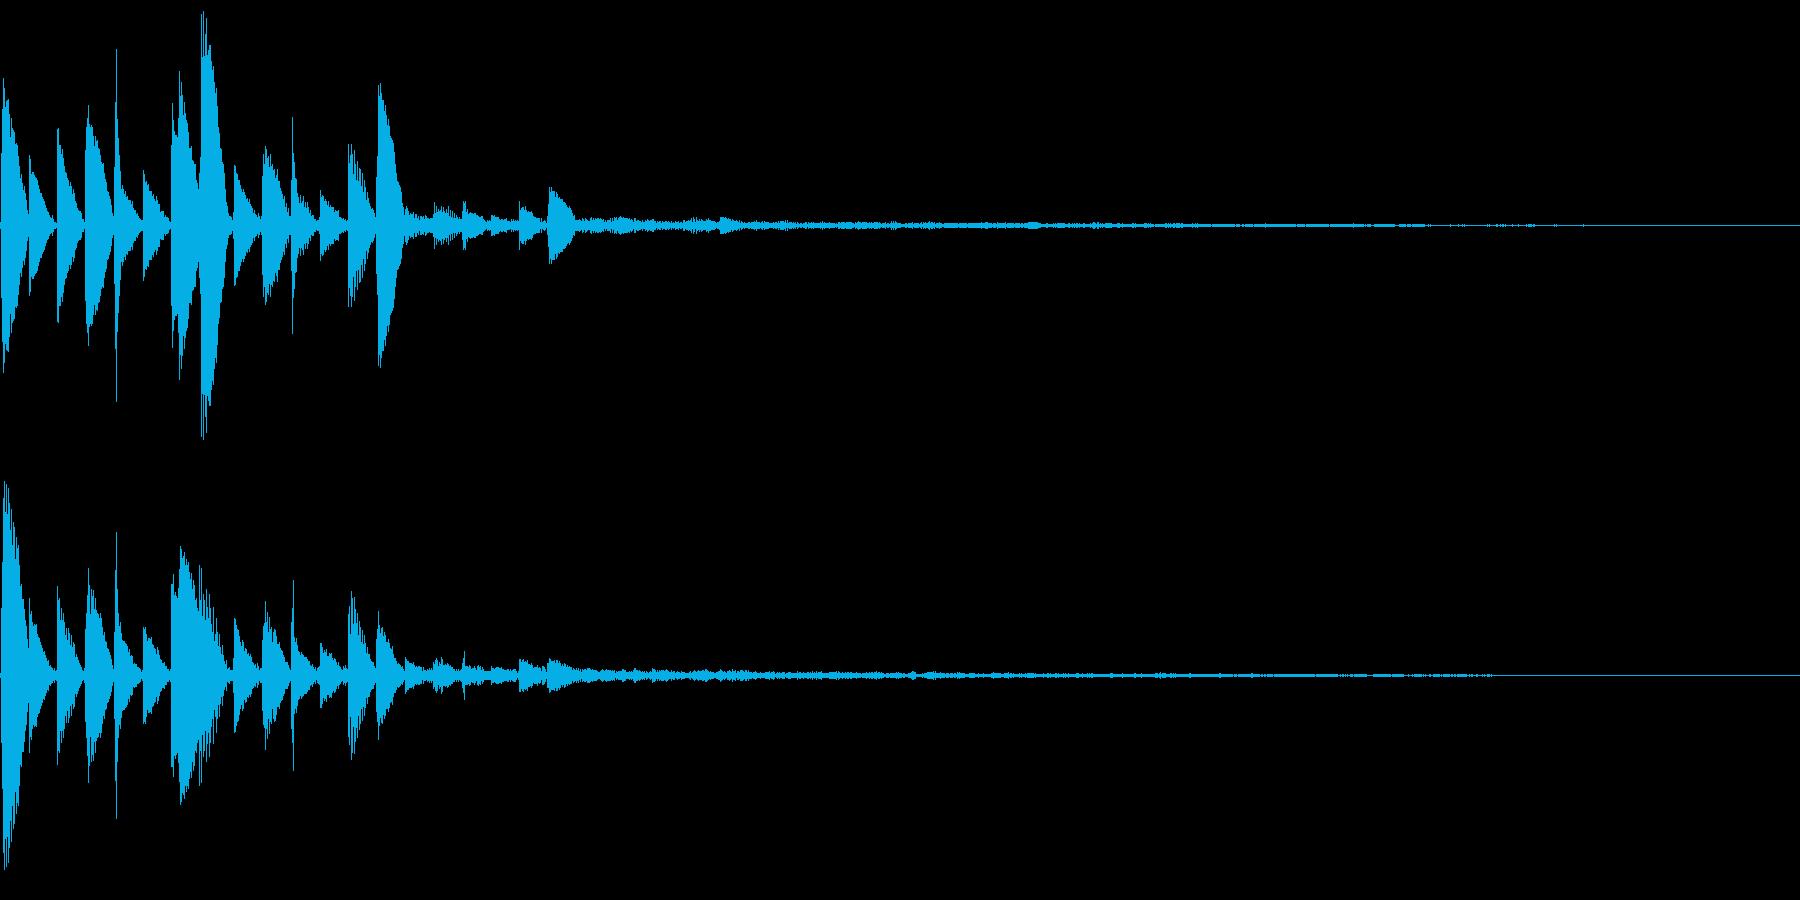 未来的・決定・空気感・取得31の再生済みの波形